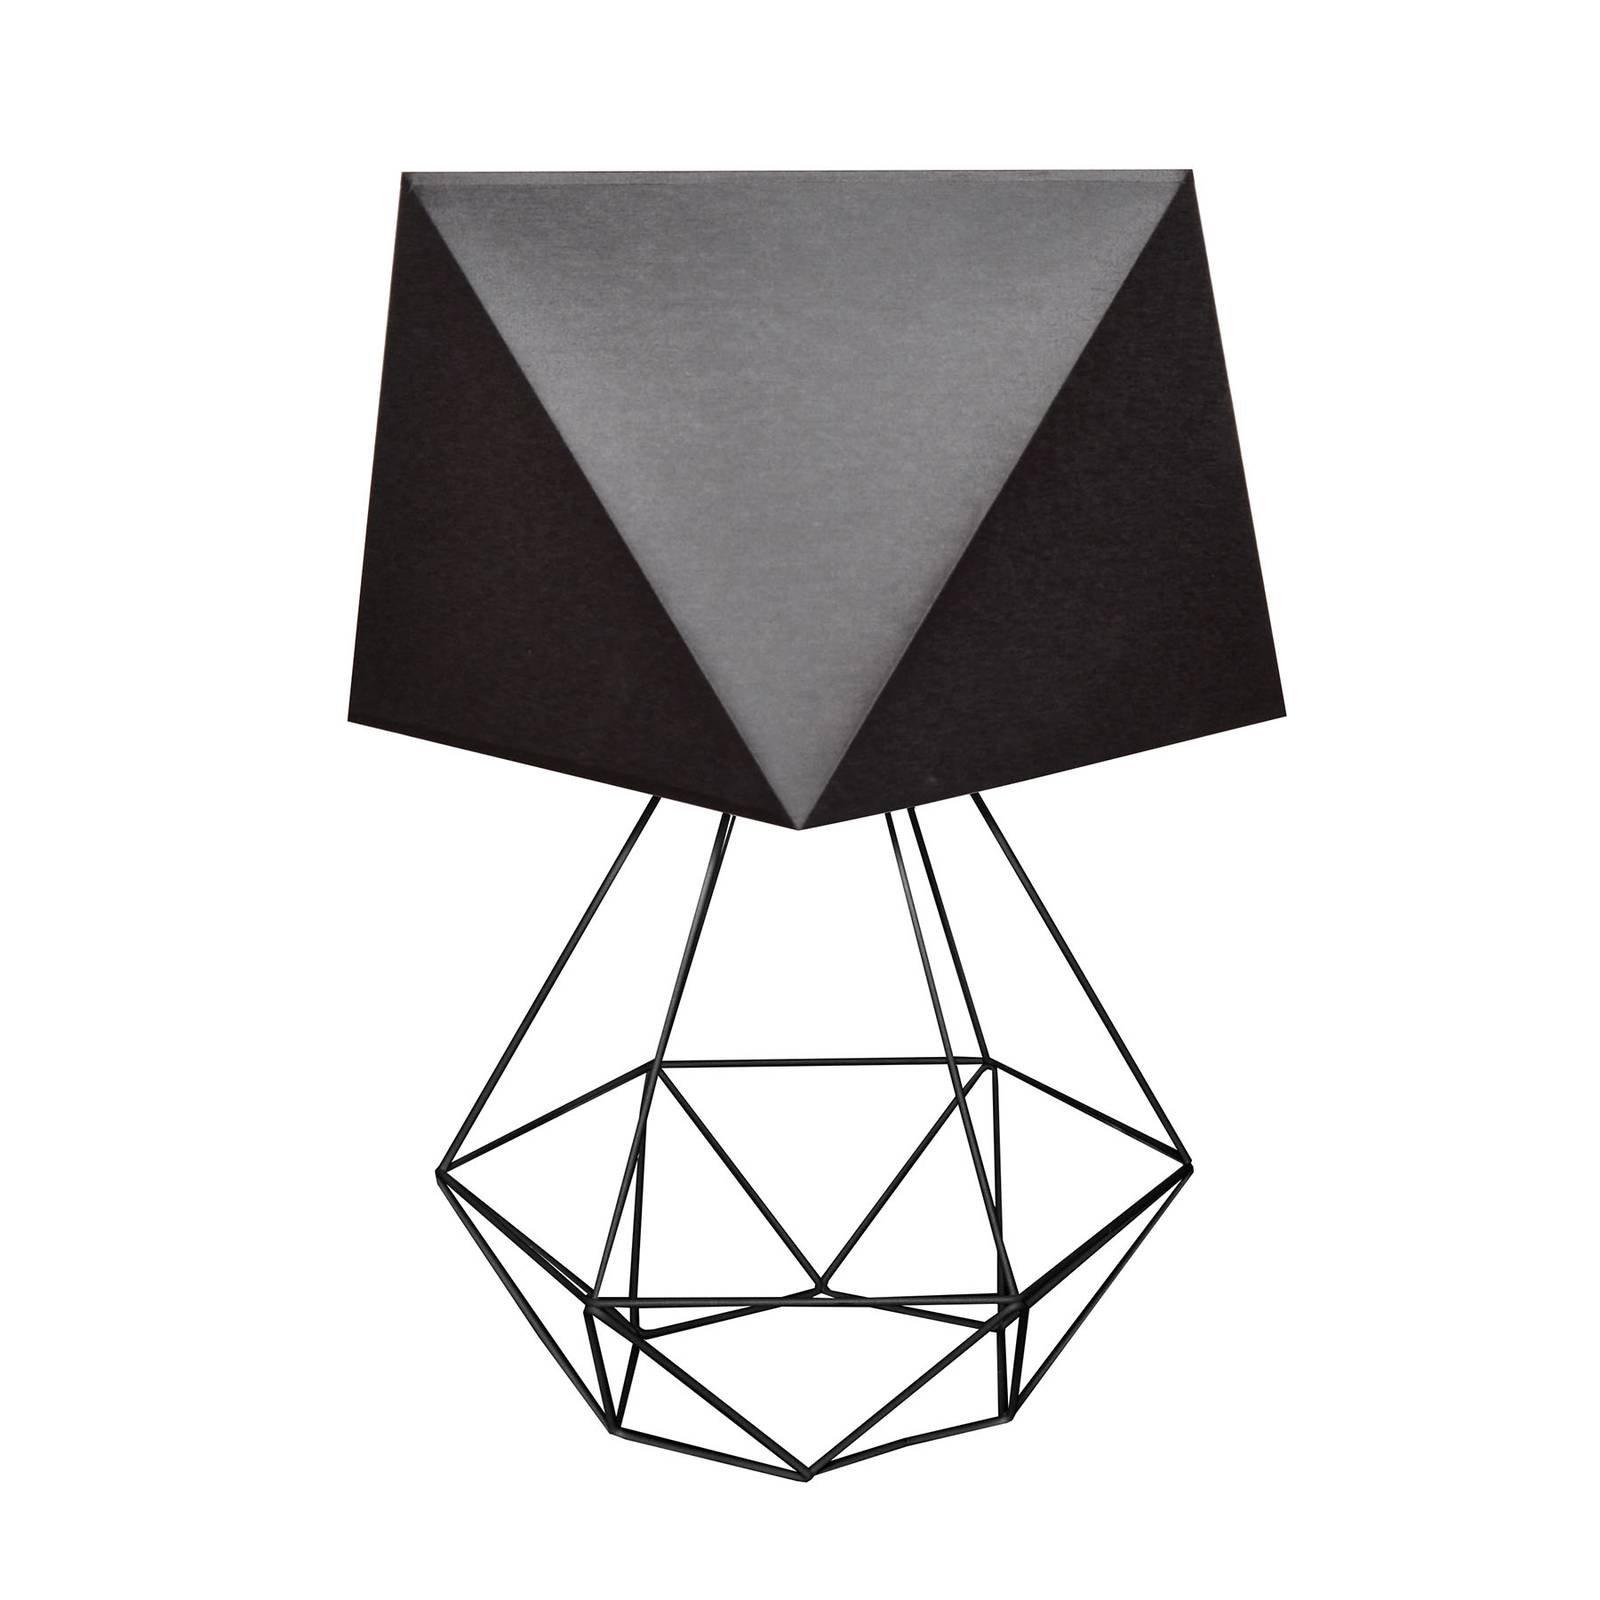 Bordlampe Karo med burfot, høyde 57 cm, svart